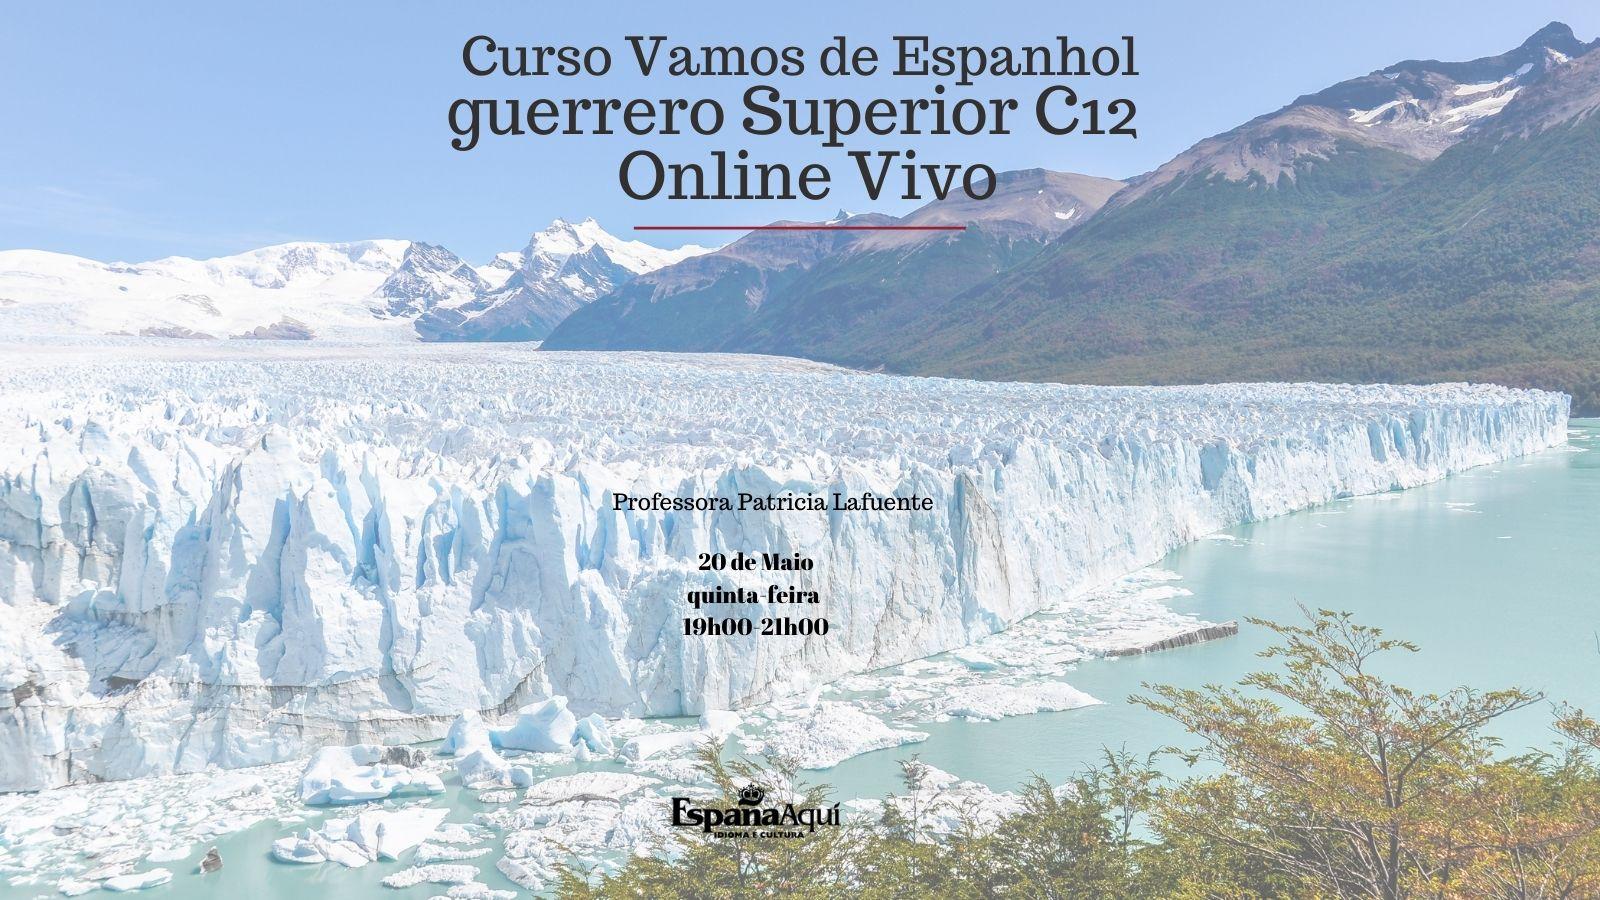 http://www.espanaaqui.com.br/pdf/maio2021/superior%20c12%2020%20de%20Maio.jpg